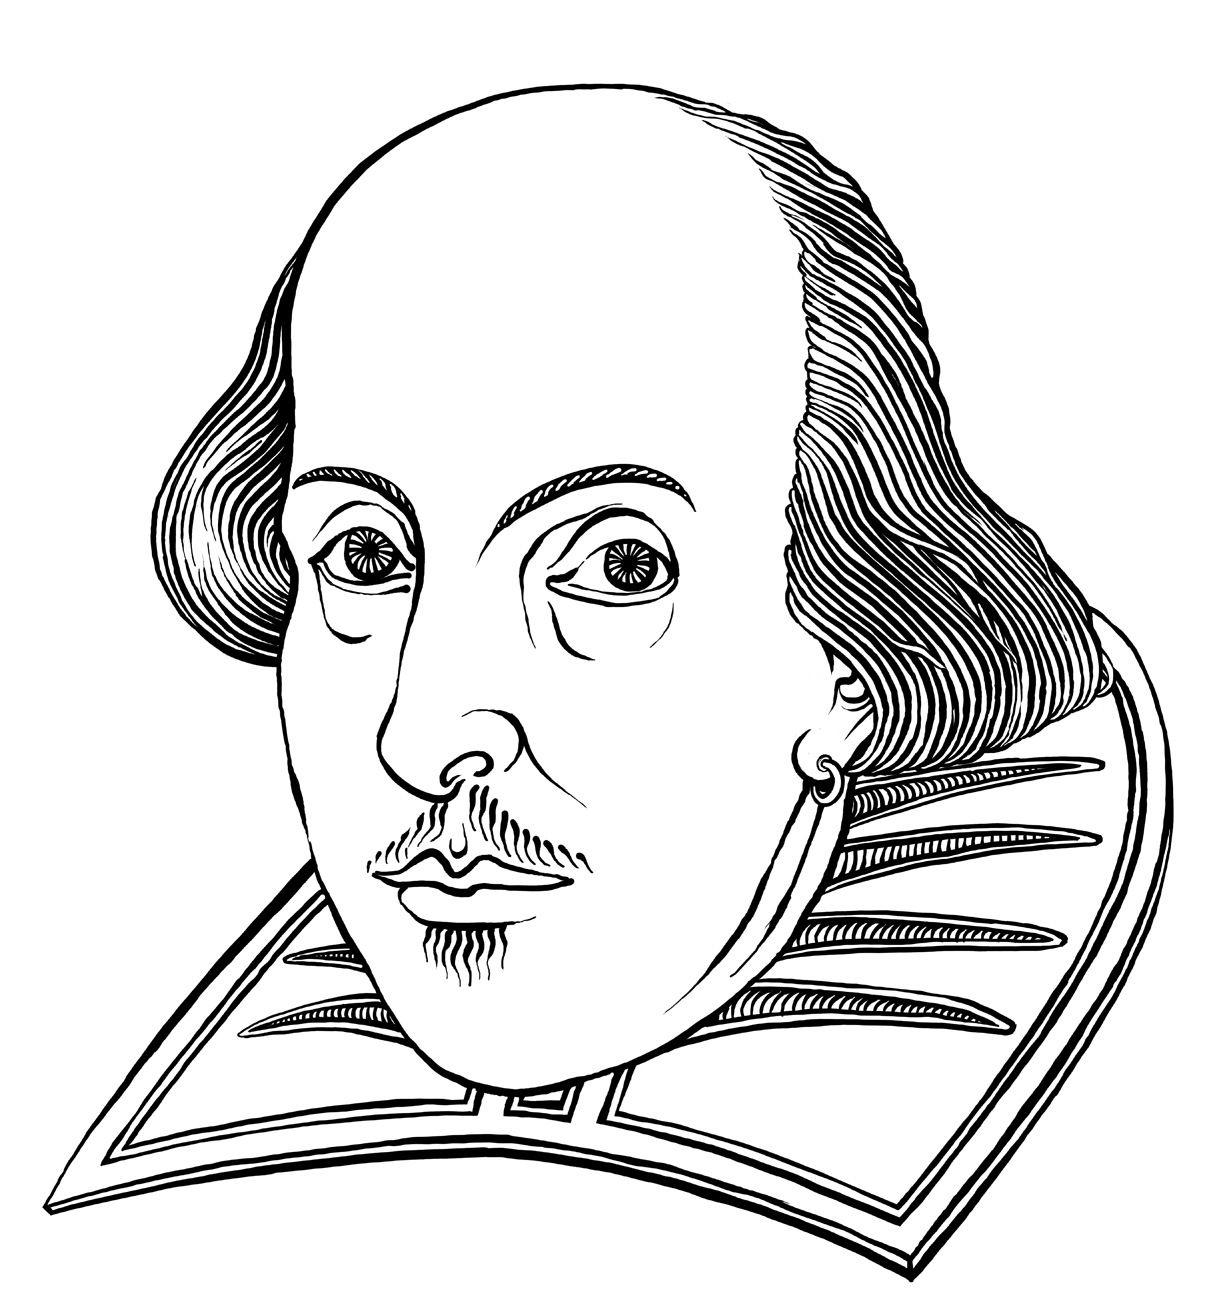 William Shakespeare Image